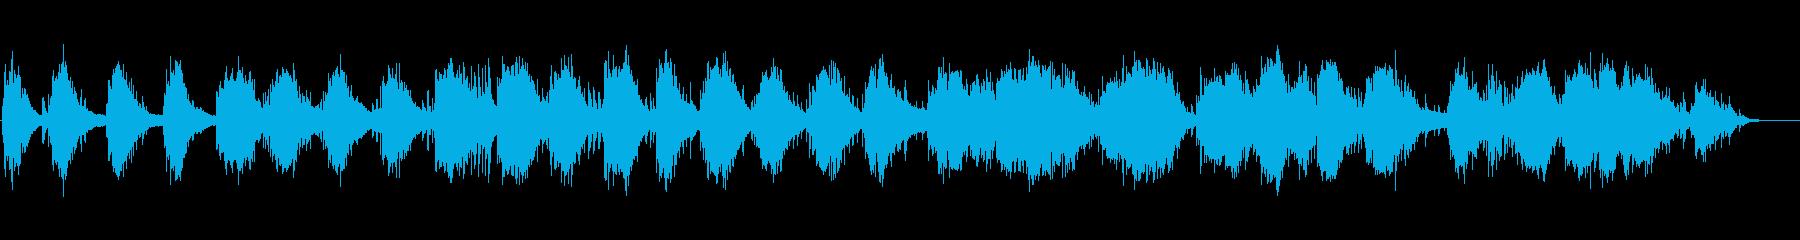 ピアノ即興によるヒーリングミュージックの再生済みの波形